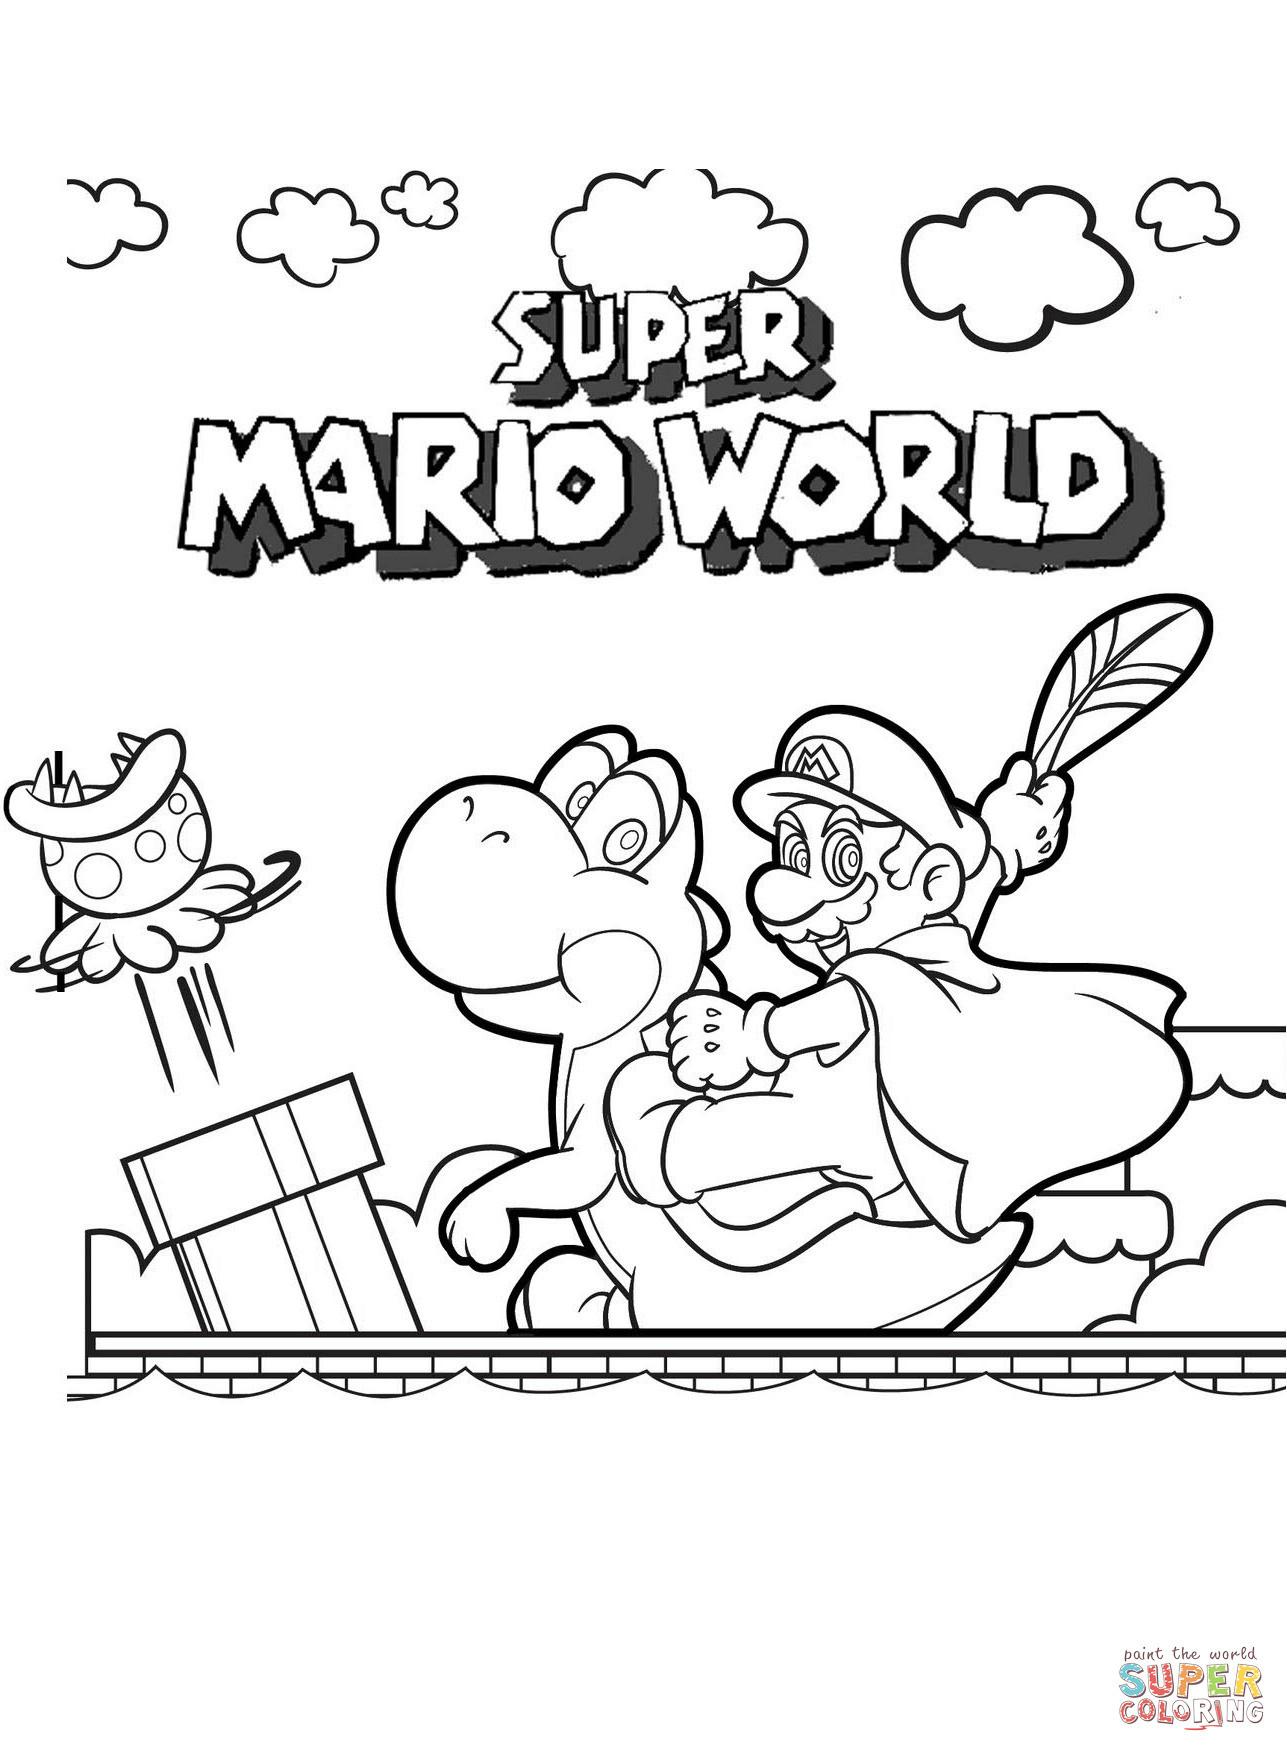 Ausmalbilder Super Mario 3d World Genial Ausmalbild Super Mario World Frisch Ausmalbilder Super Mario 3d Fotografieren